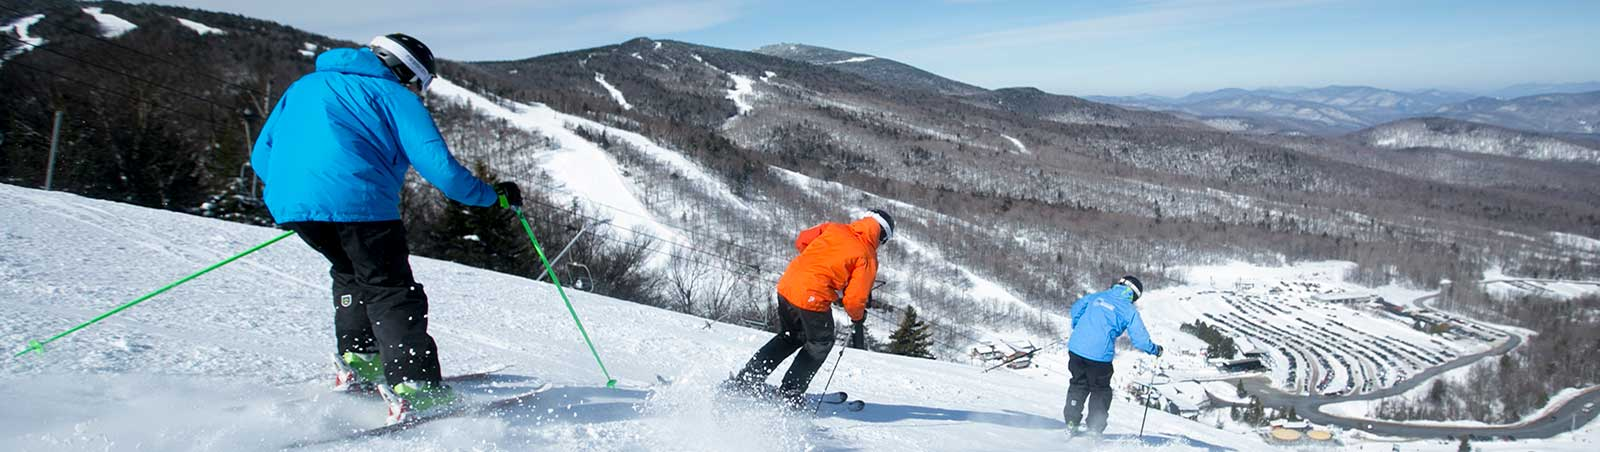 Killington USA Ski Resort with inspireski